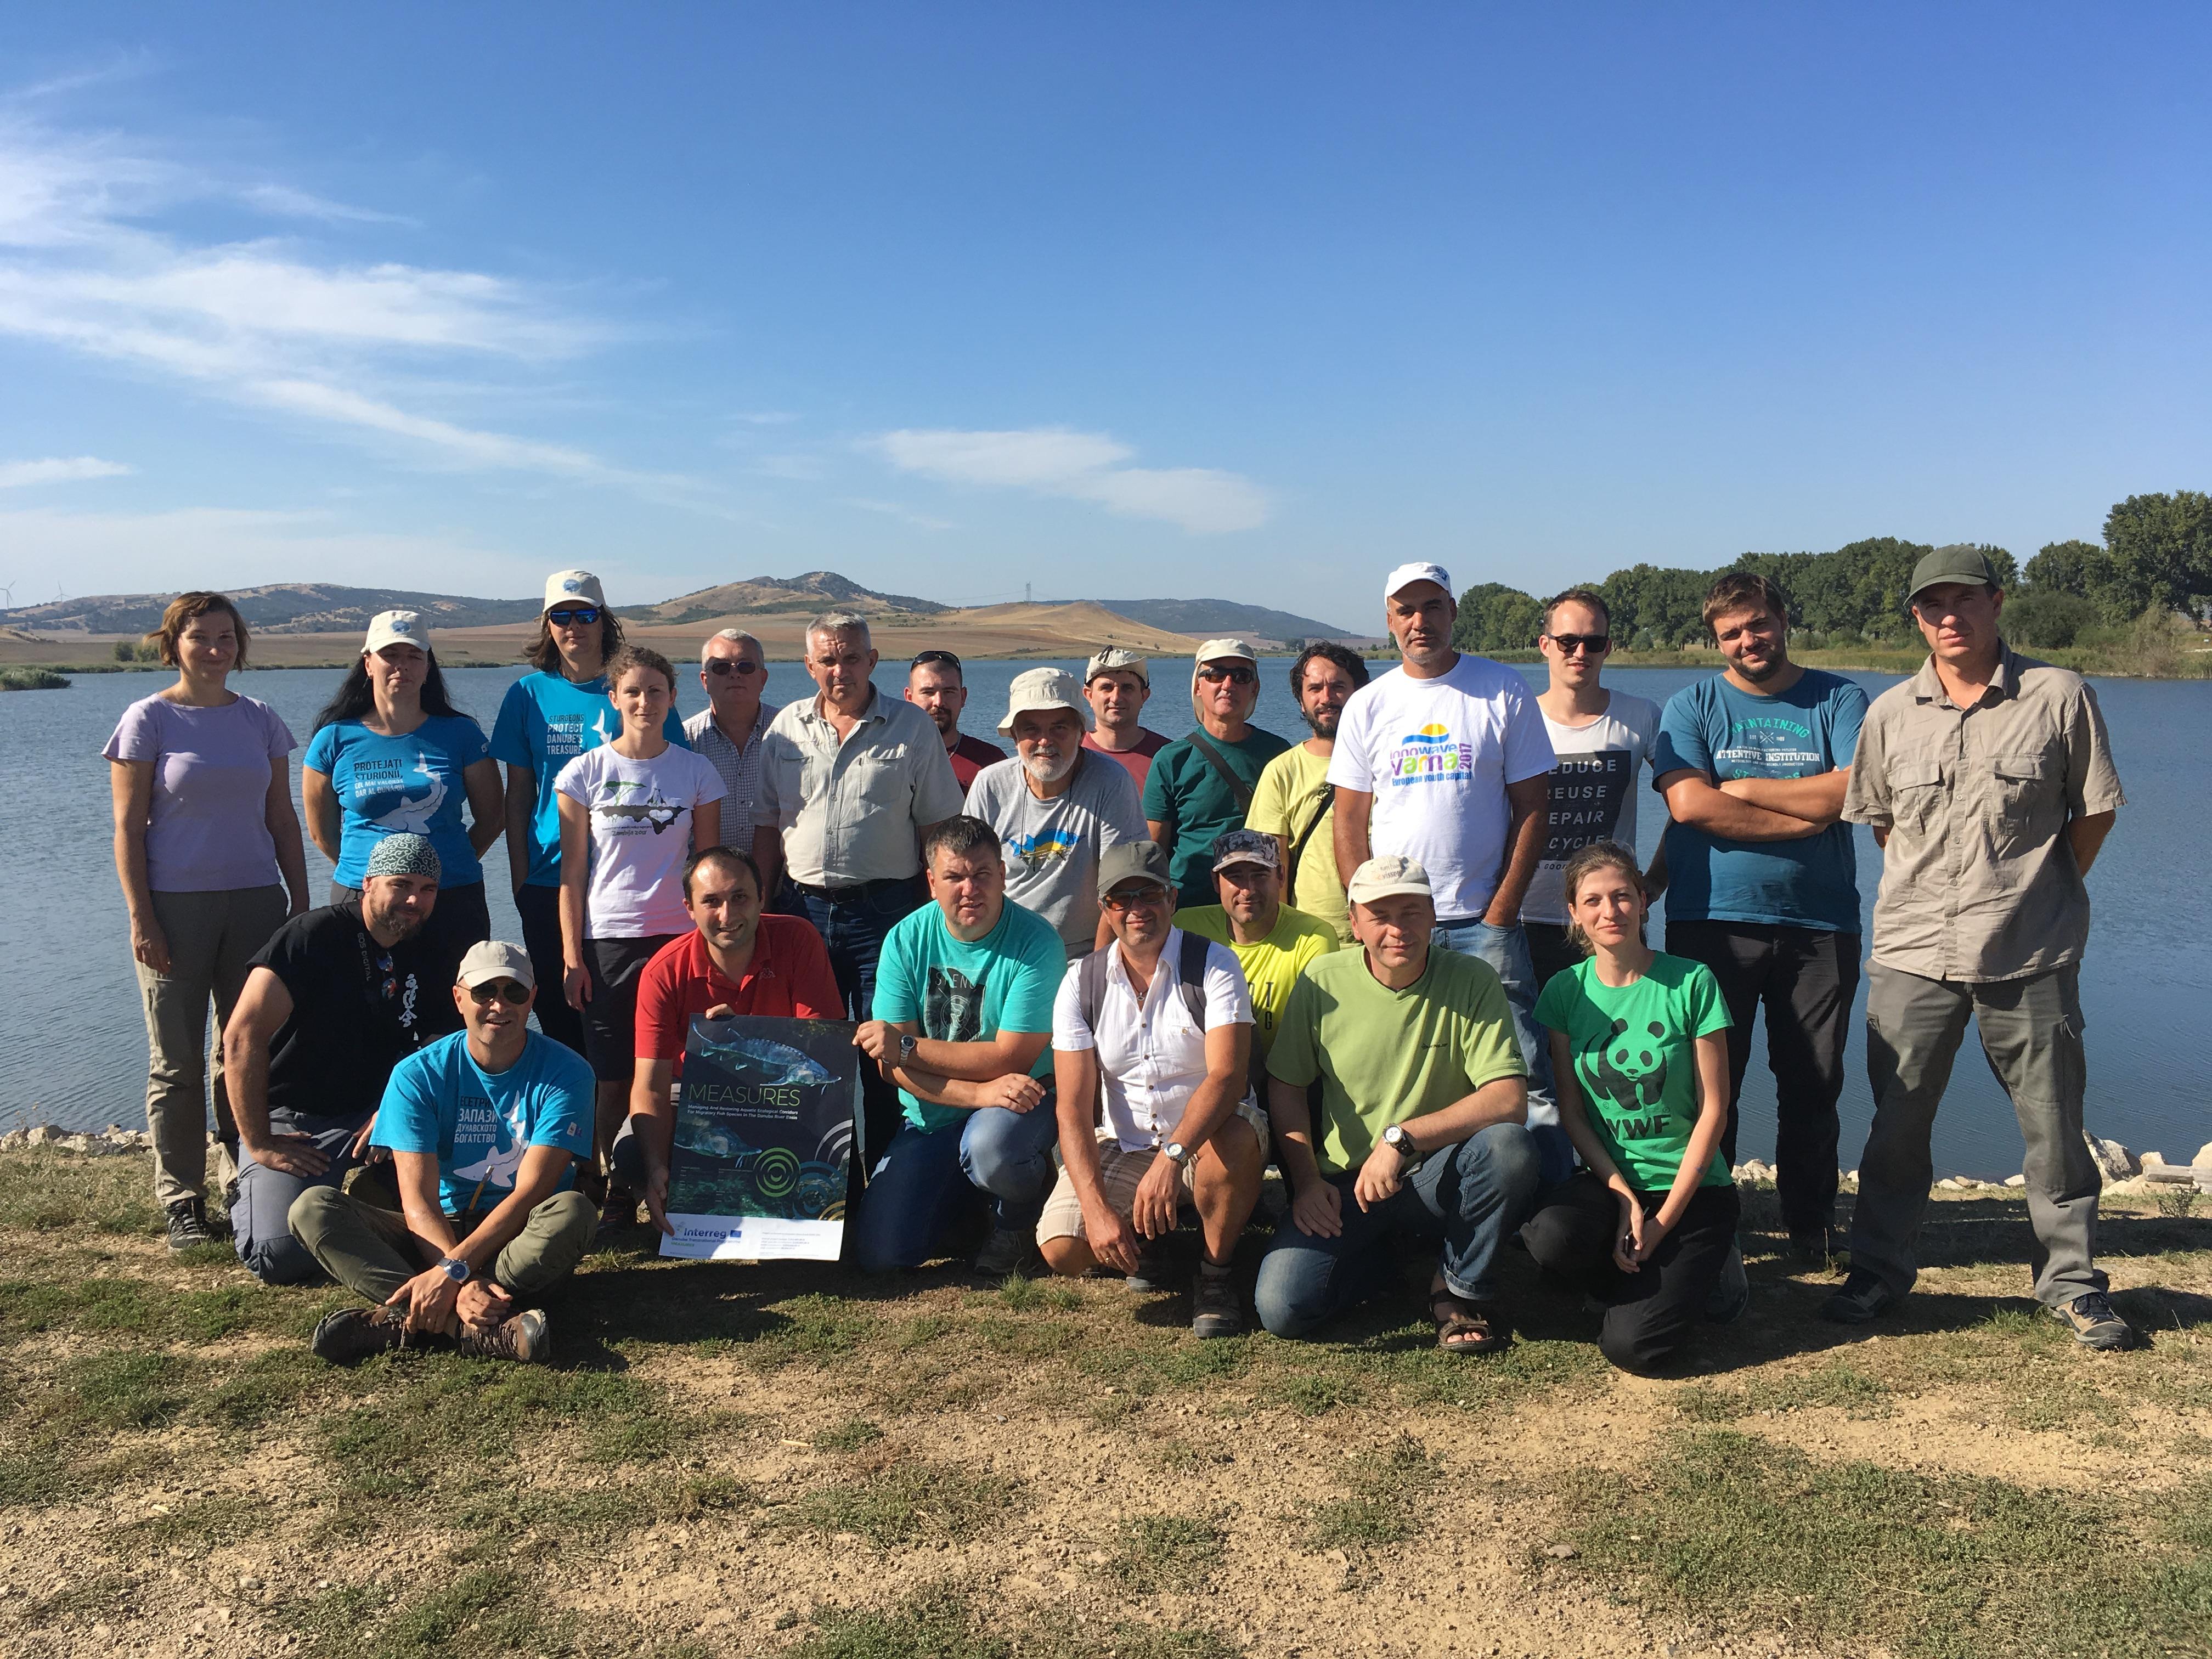 Participare curs privind evaluarea habitatelor și comportamentului peștilor migratori